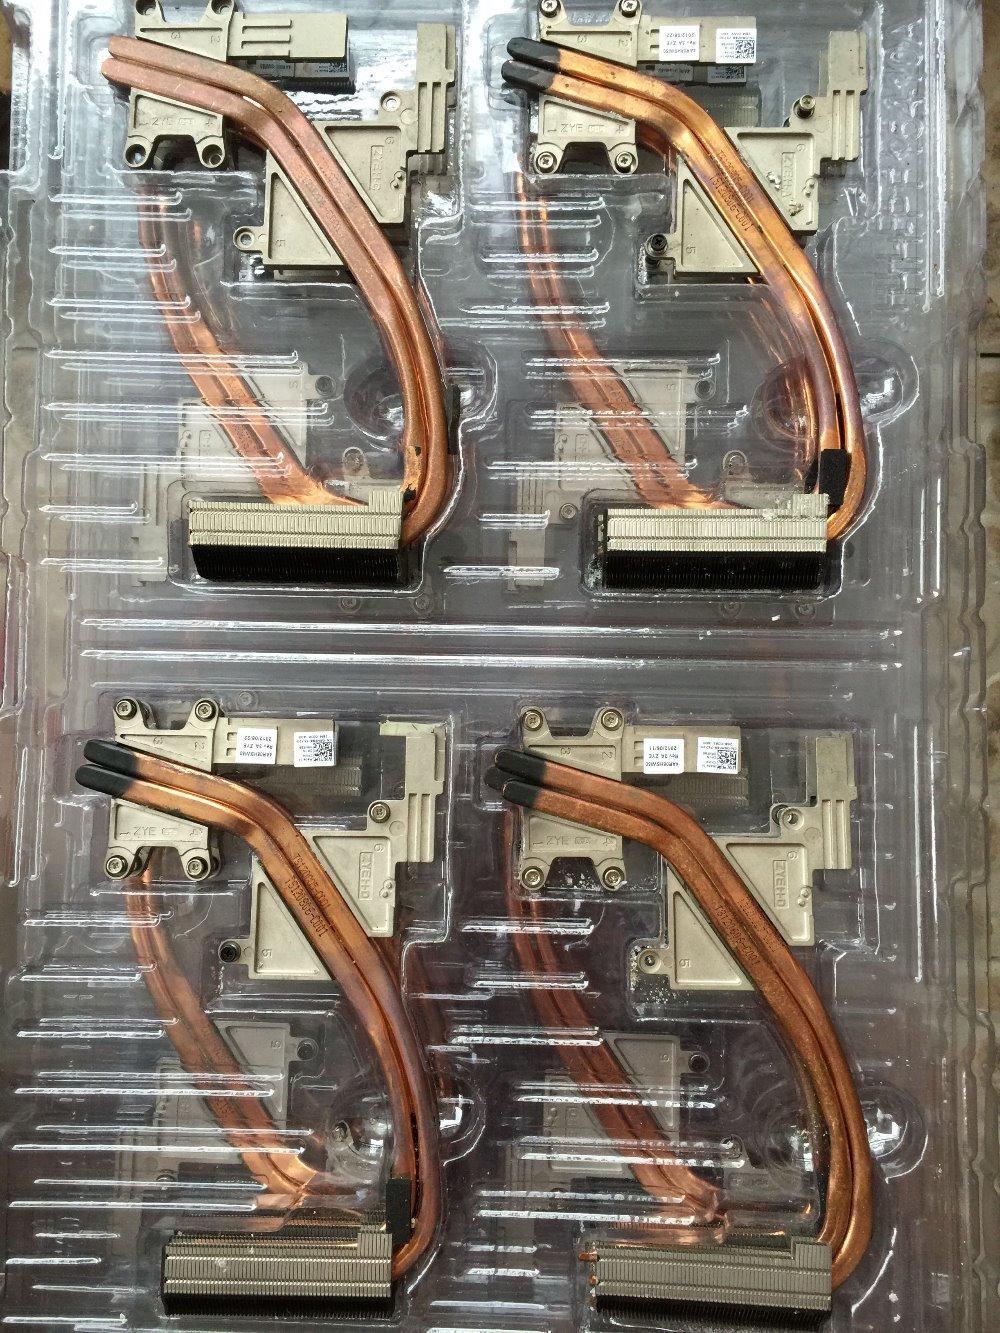 100 ٪ جديد الأصلي LAPTOP وحدة المعالجة المركزية التبريد القارئ لديل INSPRON 5420 N5420 7420 N7420 RHF88